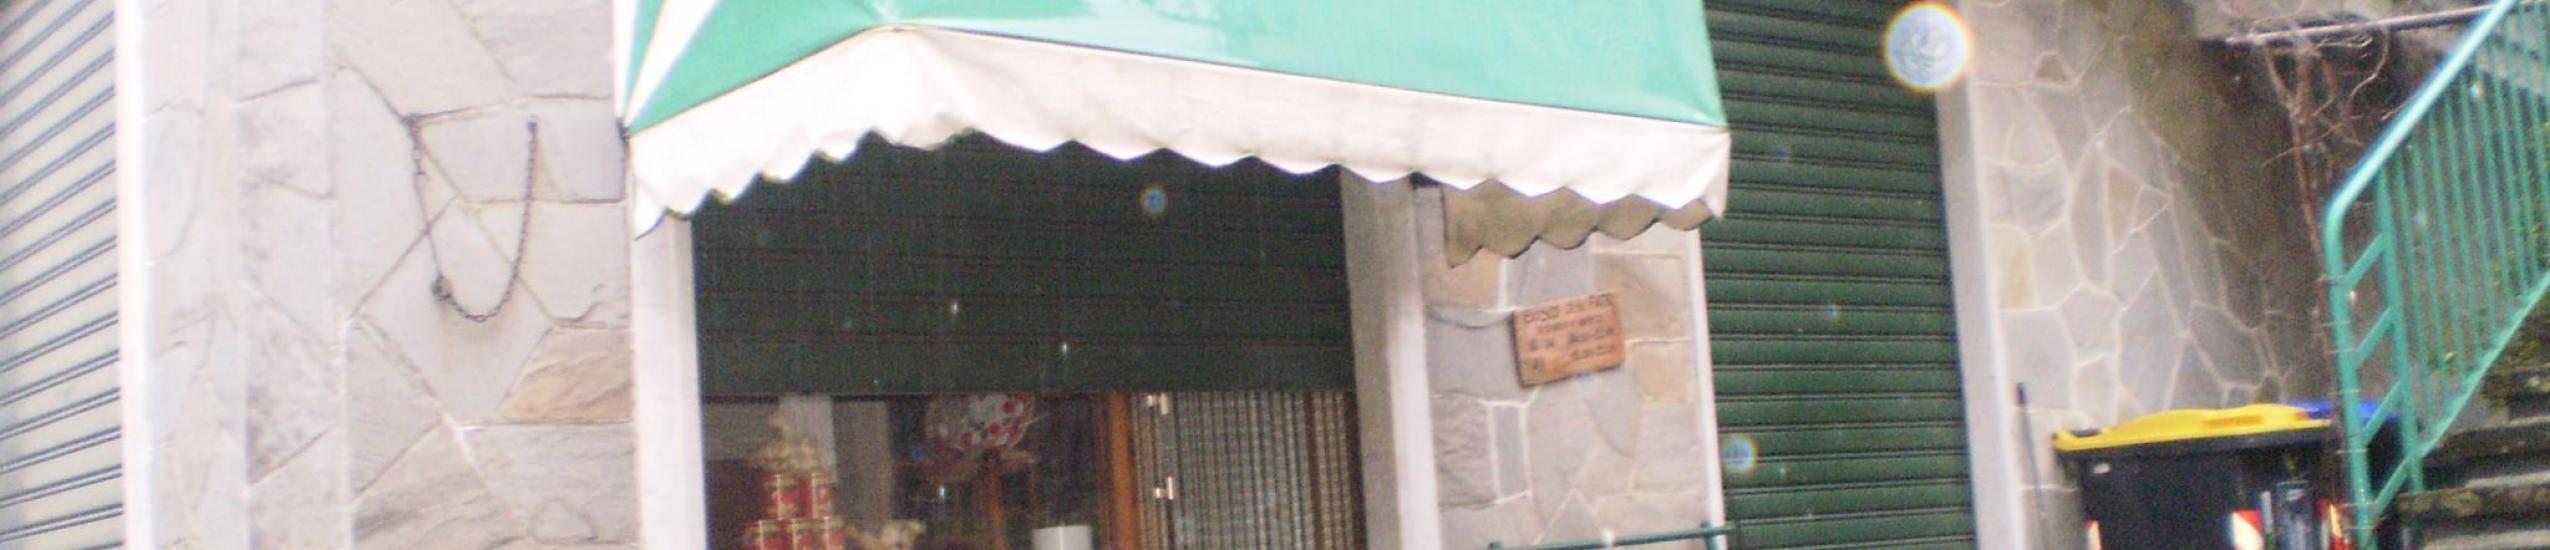 esterno del negozio